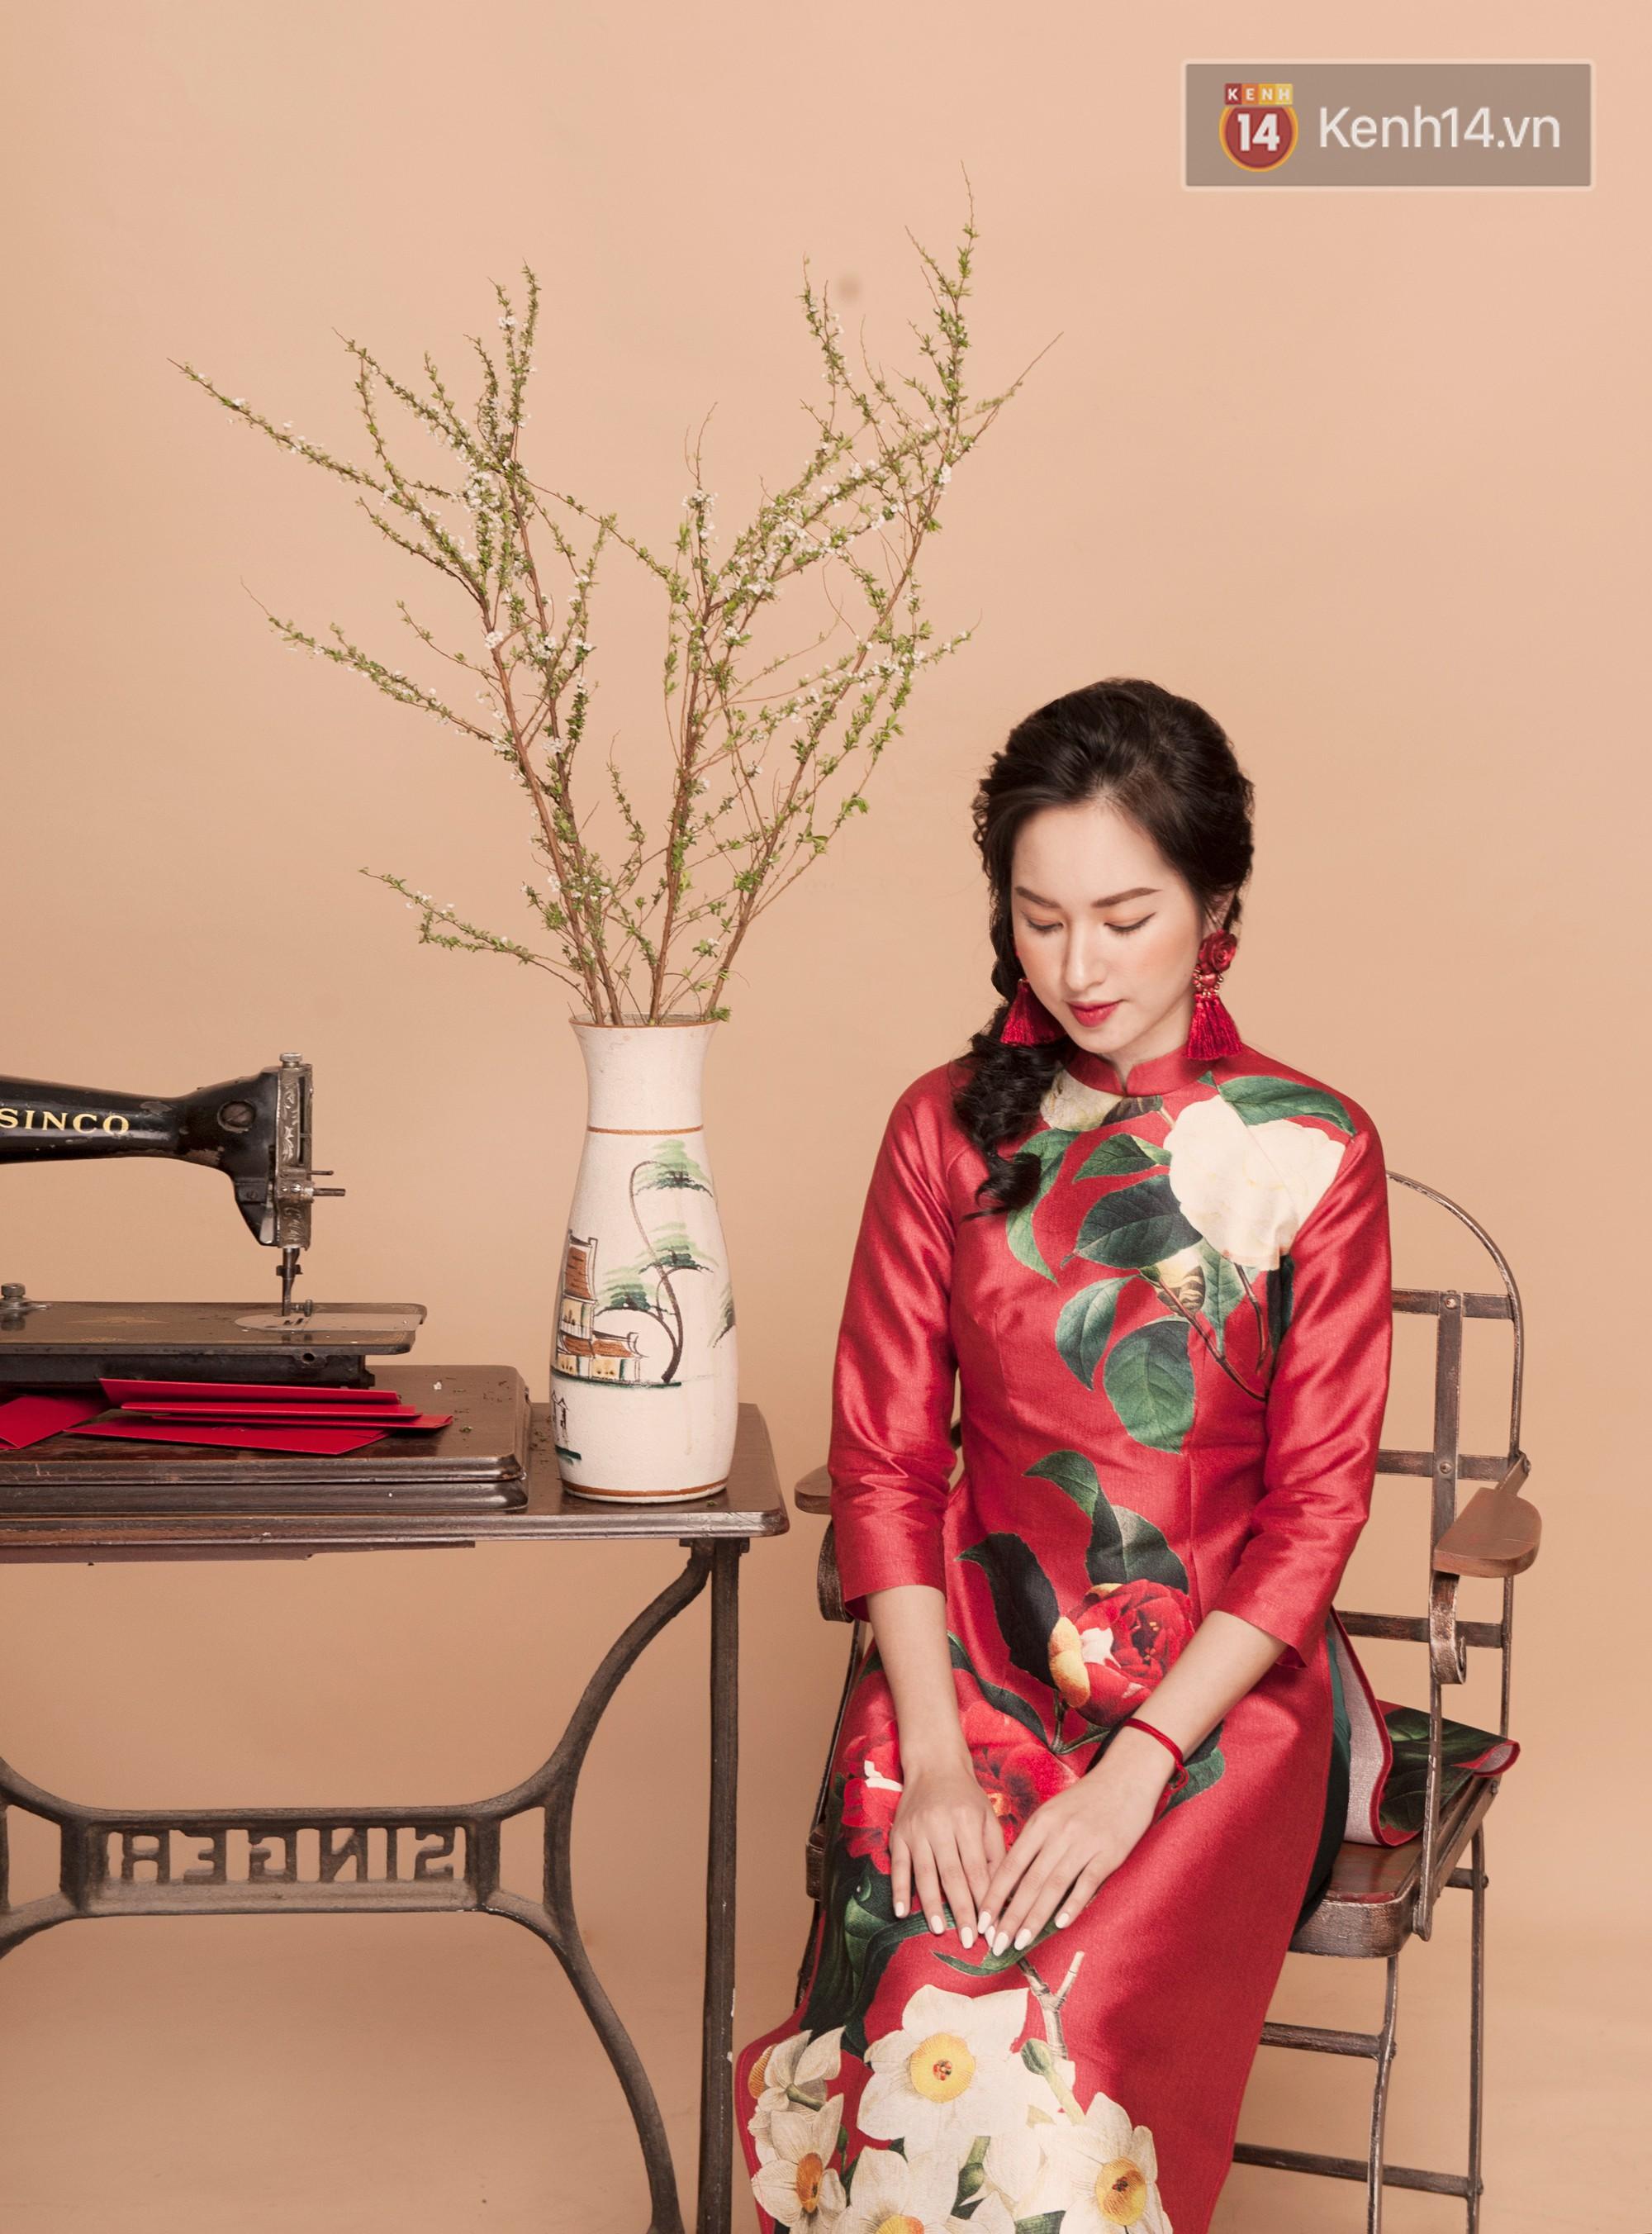 Tết này mặc áo dài: Sun HT, Mẫn Tiên, Lê Vi diện 15 mẫu áo dài cực xinh mà hẳn là bạn cũng đang cần tìm mua chúng - Ảnh 5.